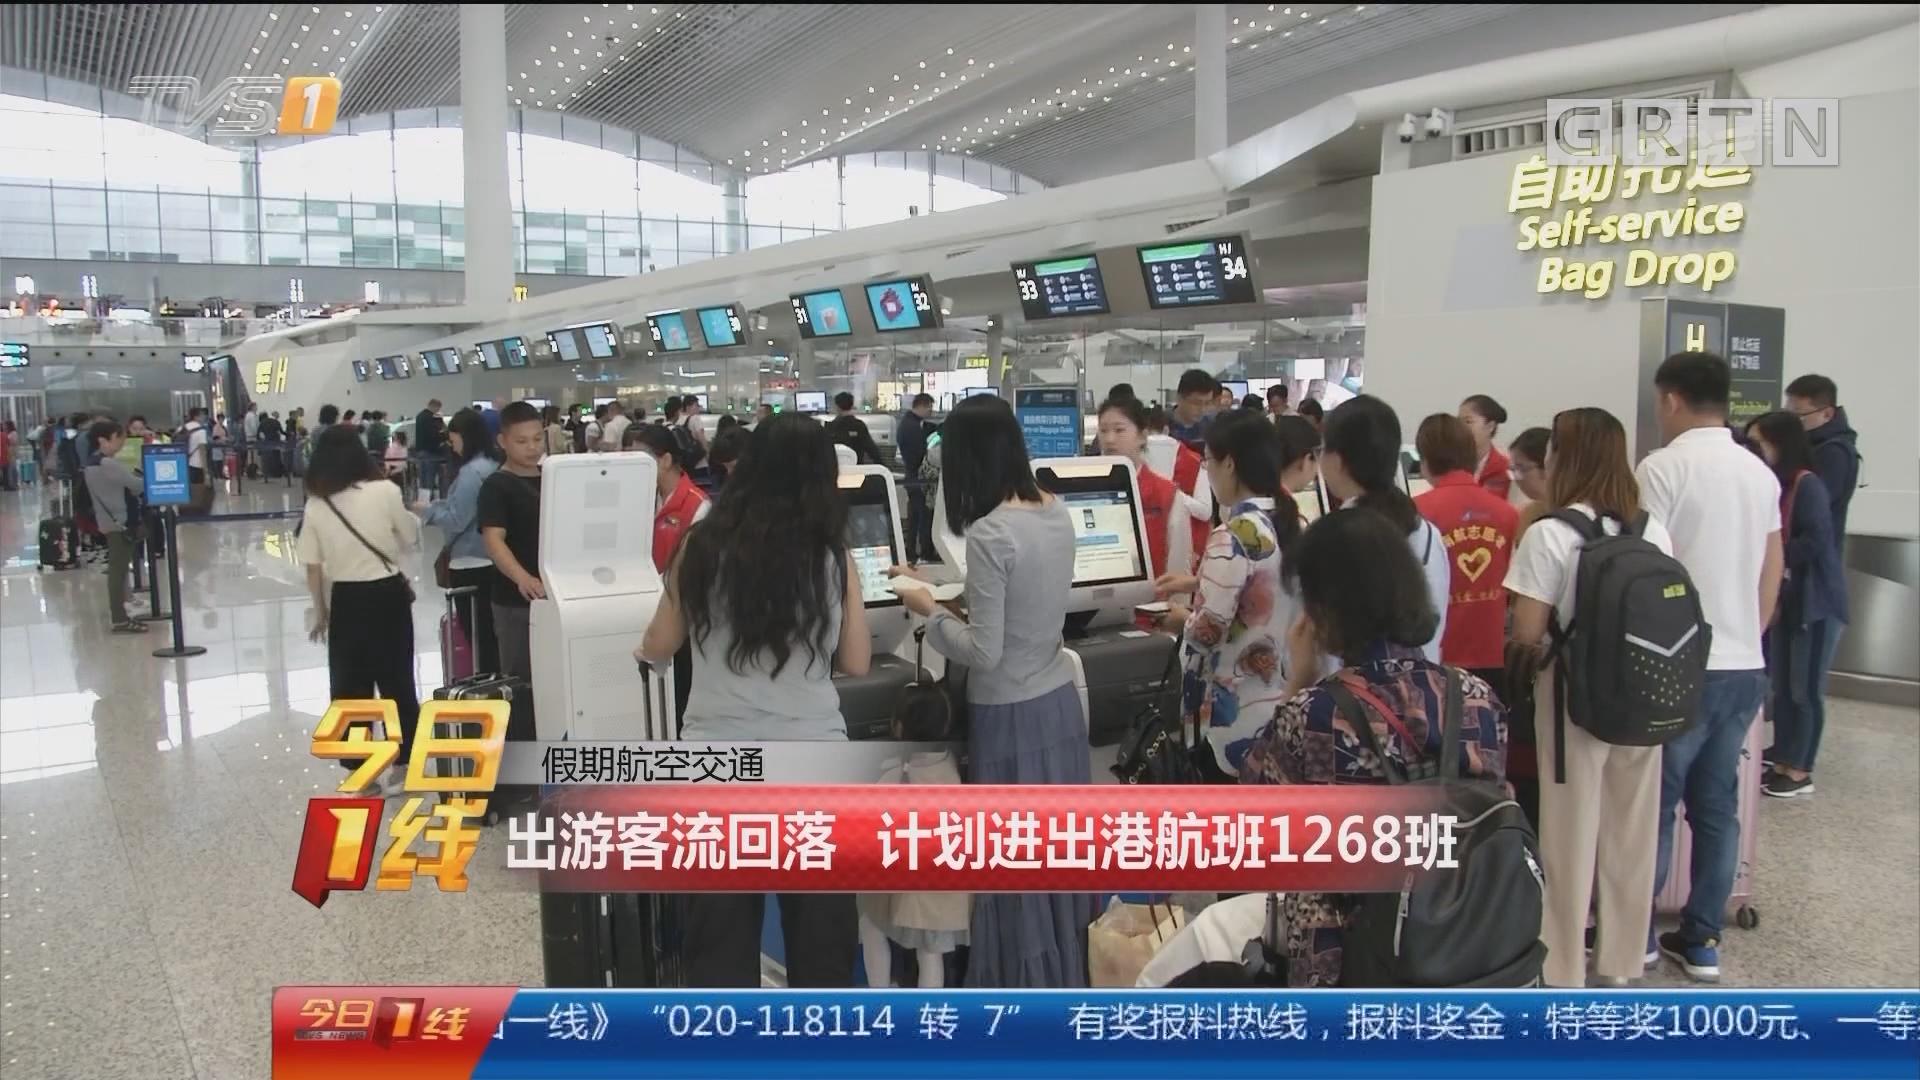 假期航空交通:出游客流回落 计划进出港航班1268班